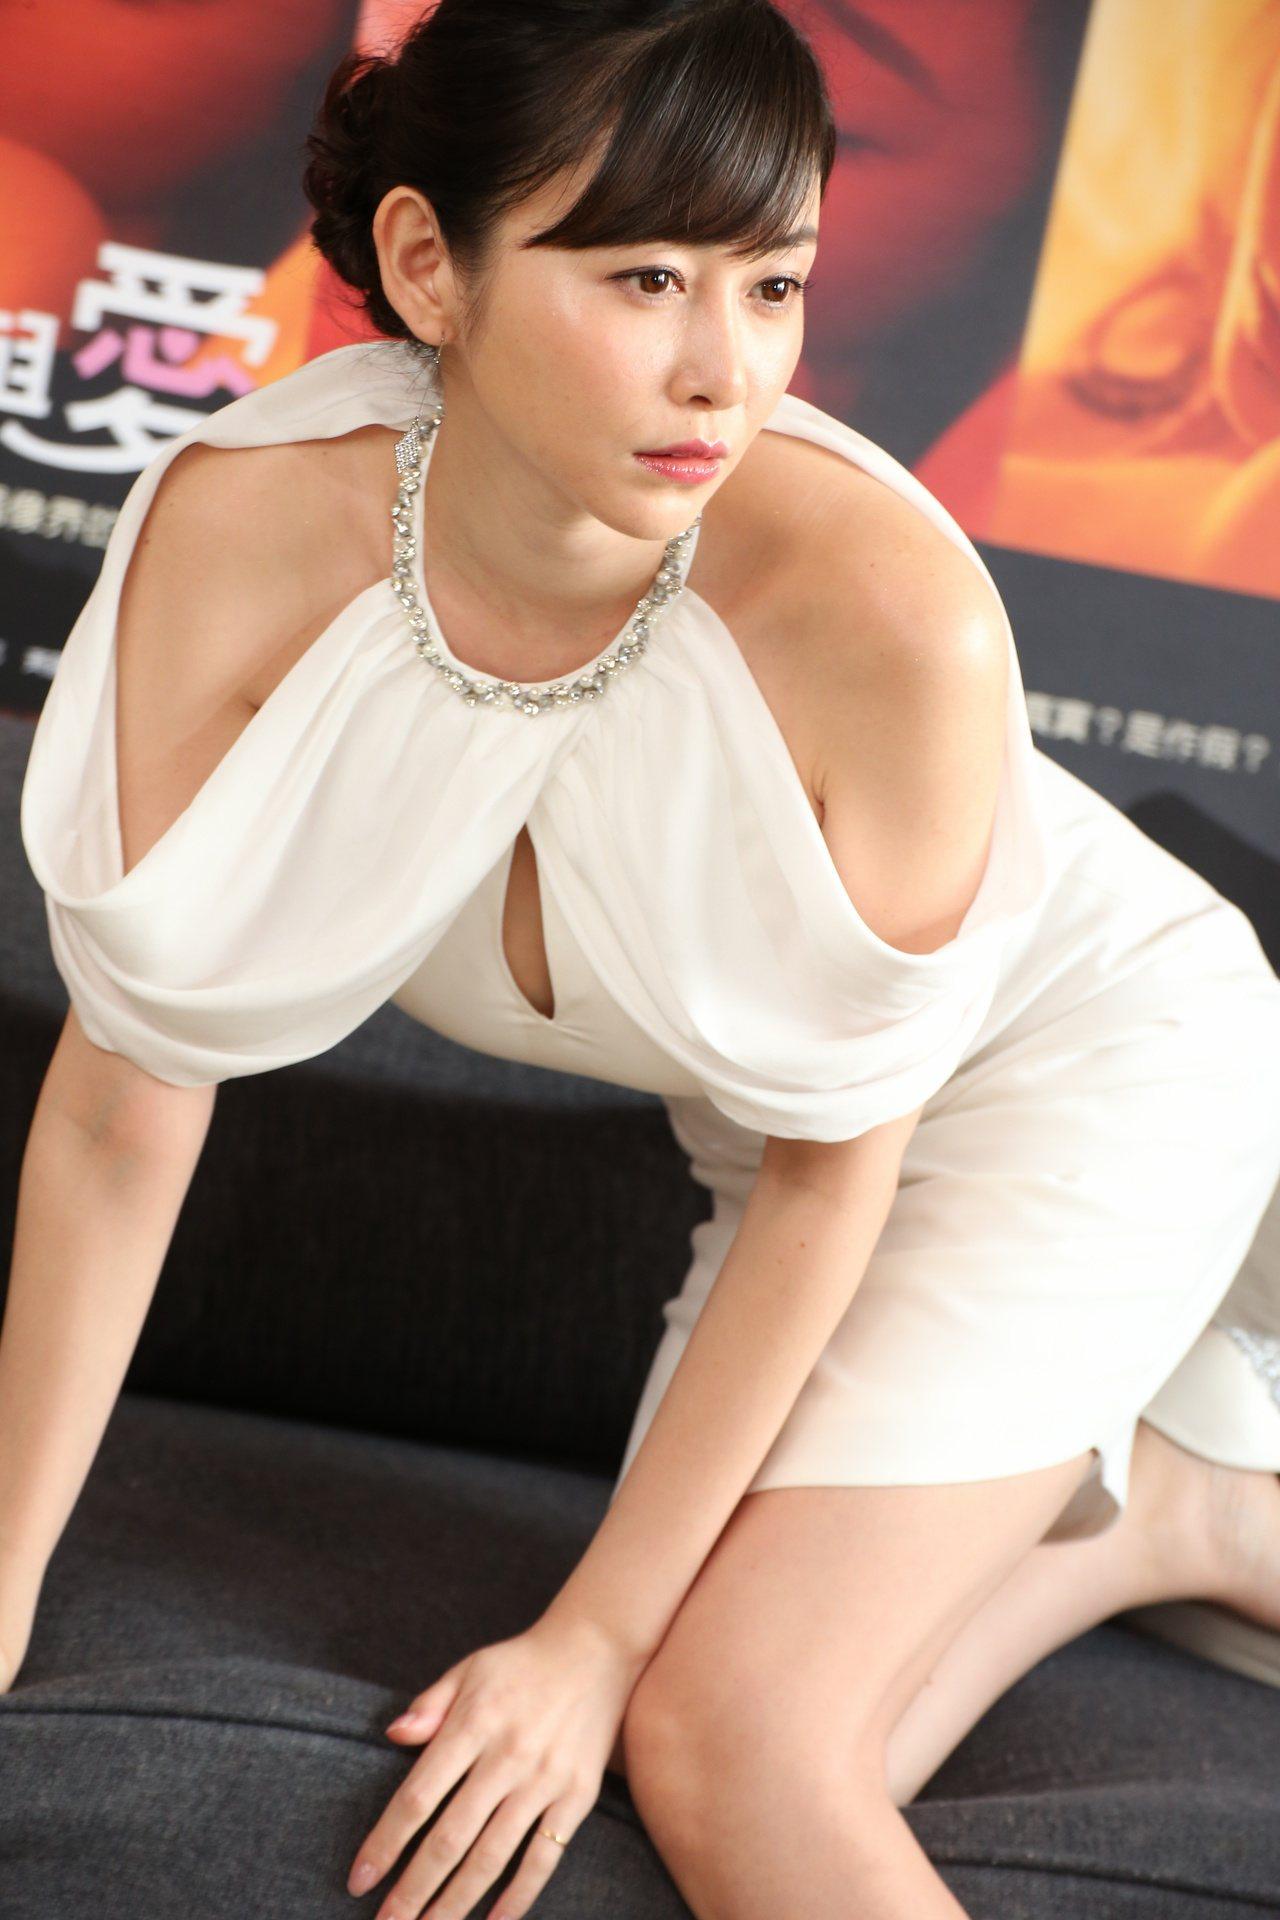 日本寫真女星杉原杏璃來台。記者陳立凱/攝影